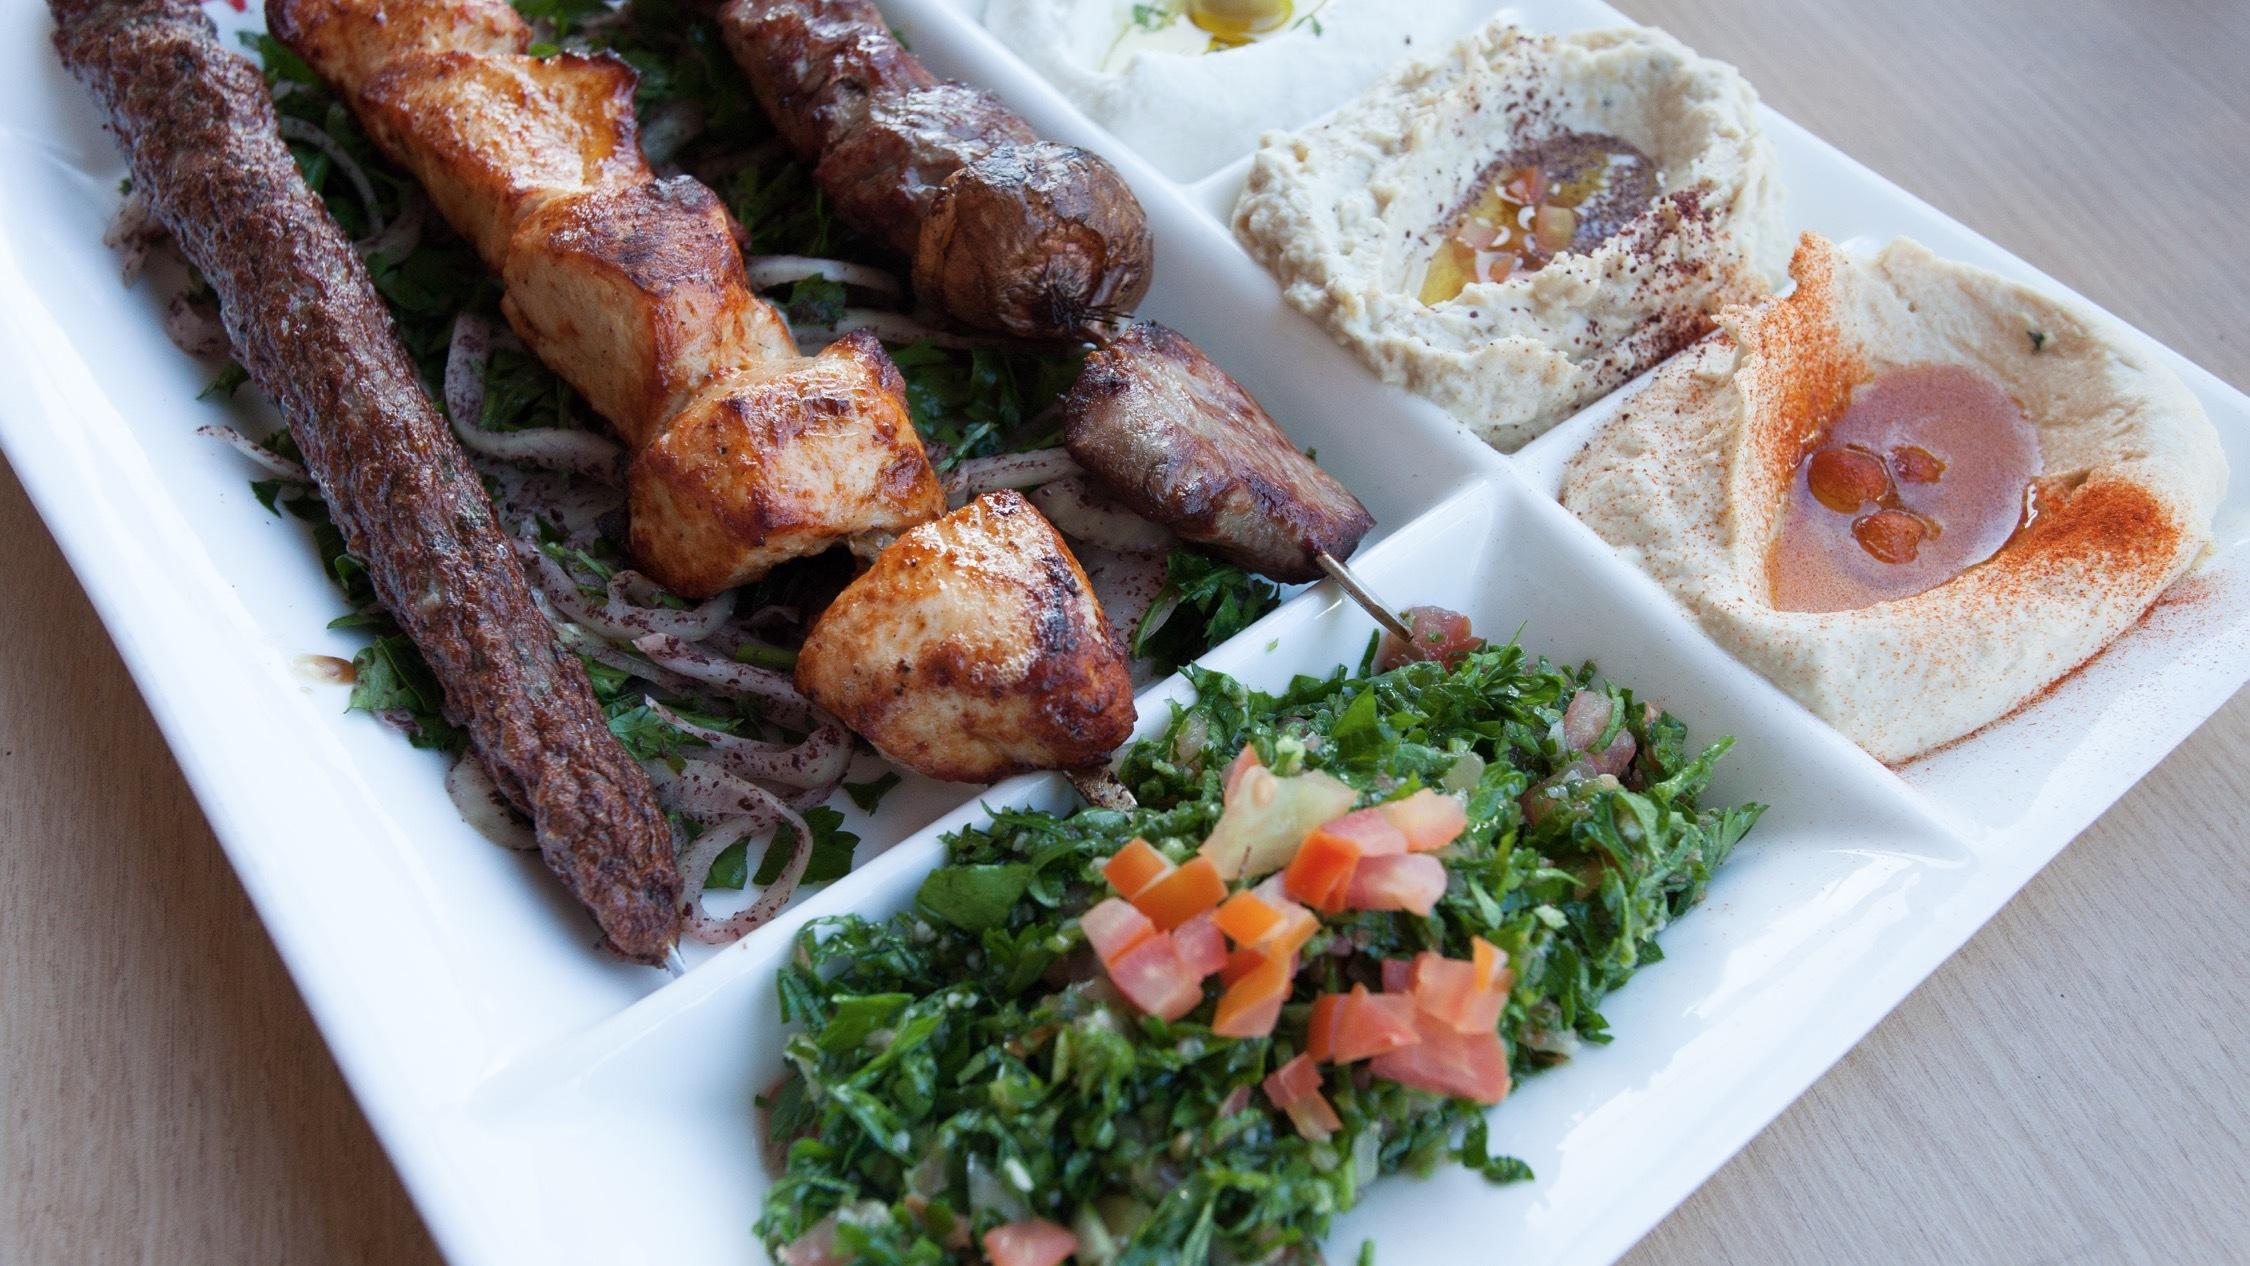 Food at Al Aseel Newtown